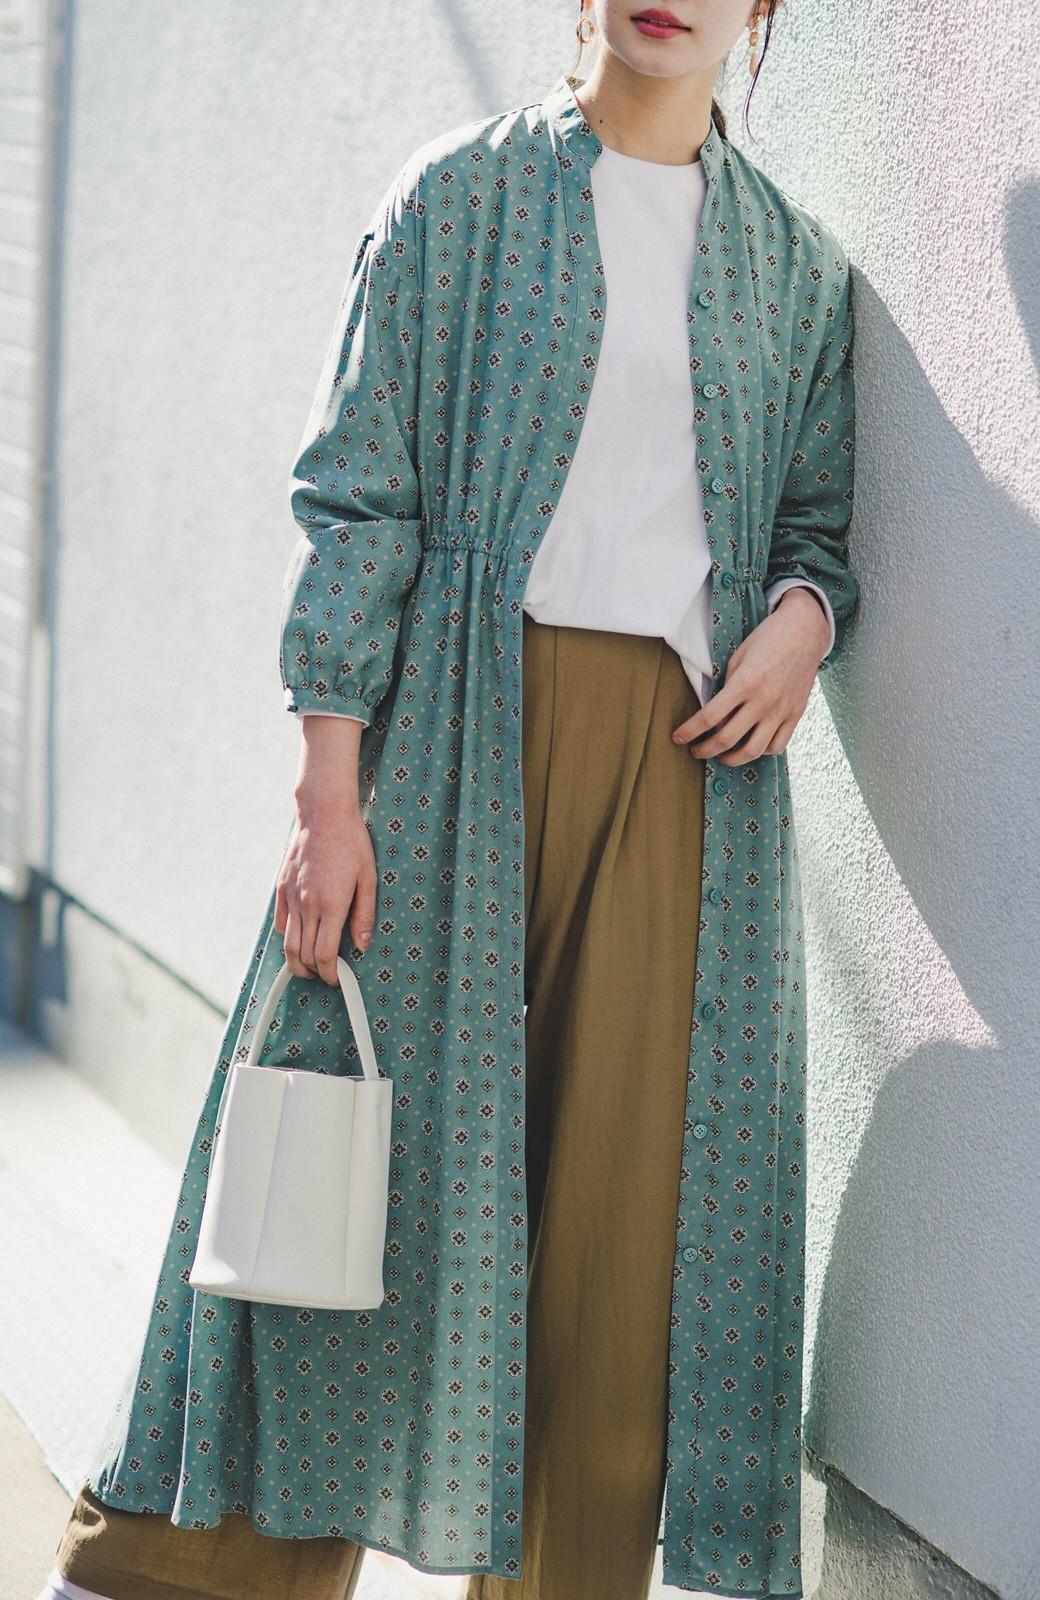 haco! コーデが華やいで気分も上がる 羽織りとしても便利な大人の雰囲気漂う小紋柄風ワンピース <ブルー>の商品写真9